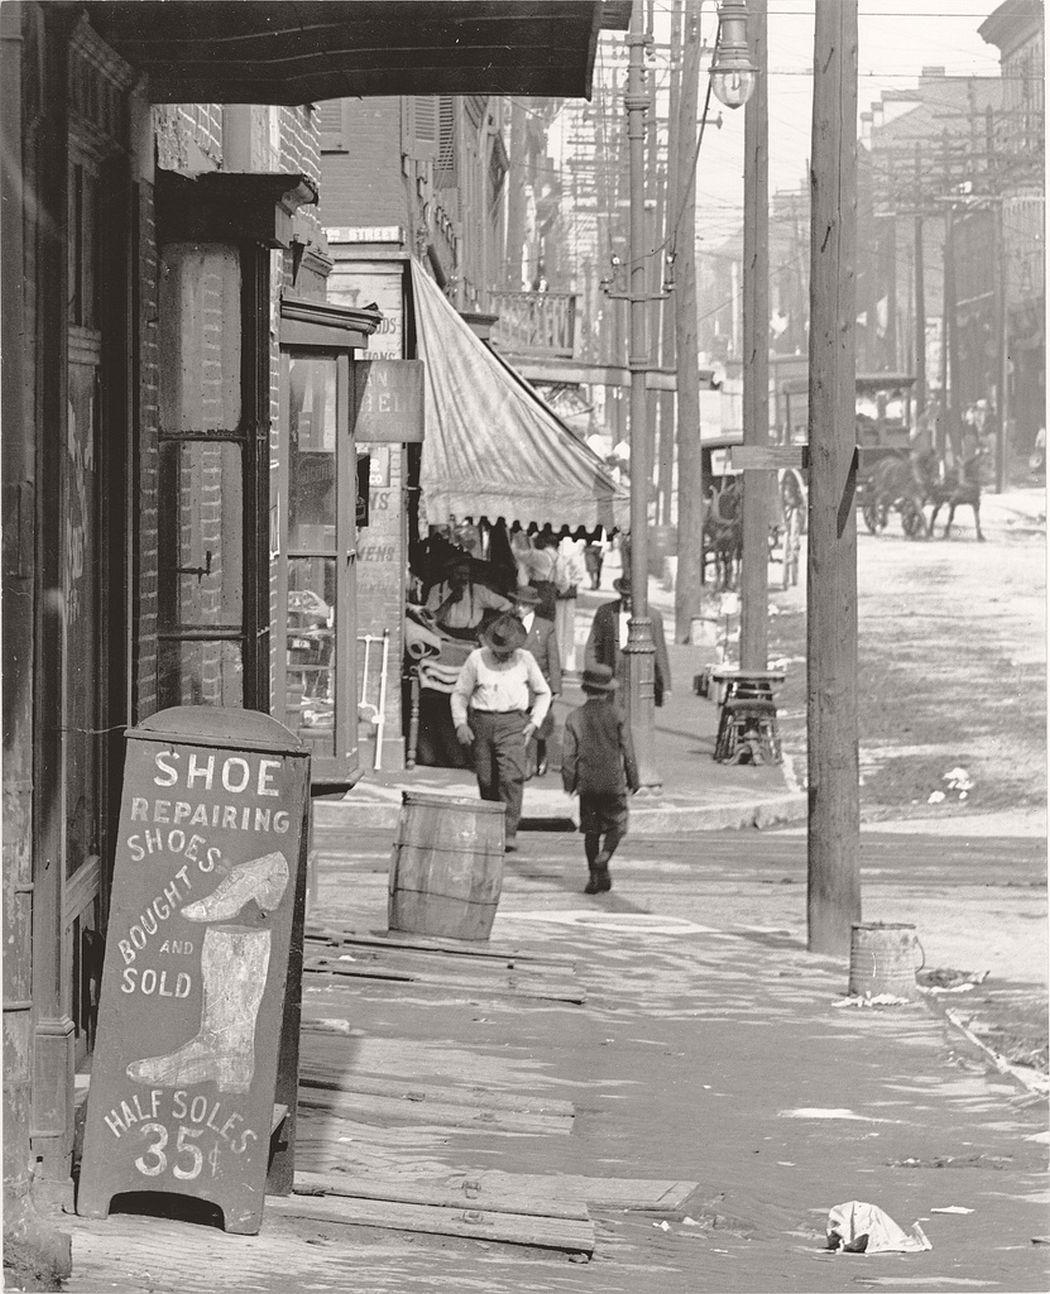 Sidewalk scene on a street in St. Louis, ca. 1900s